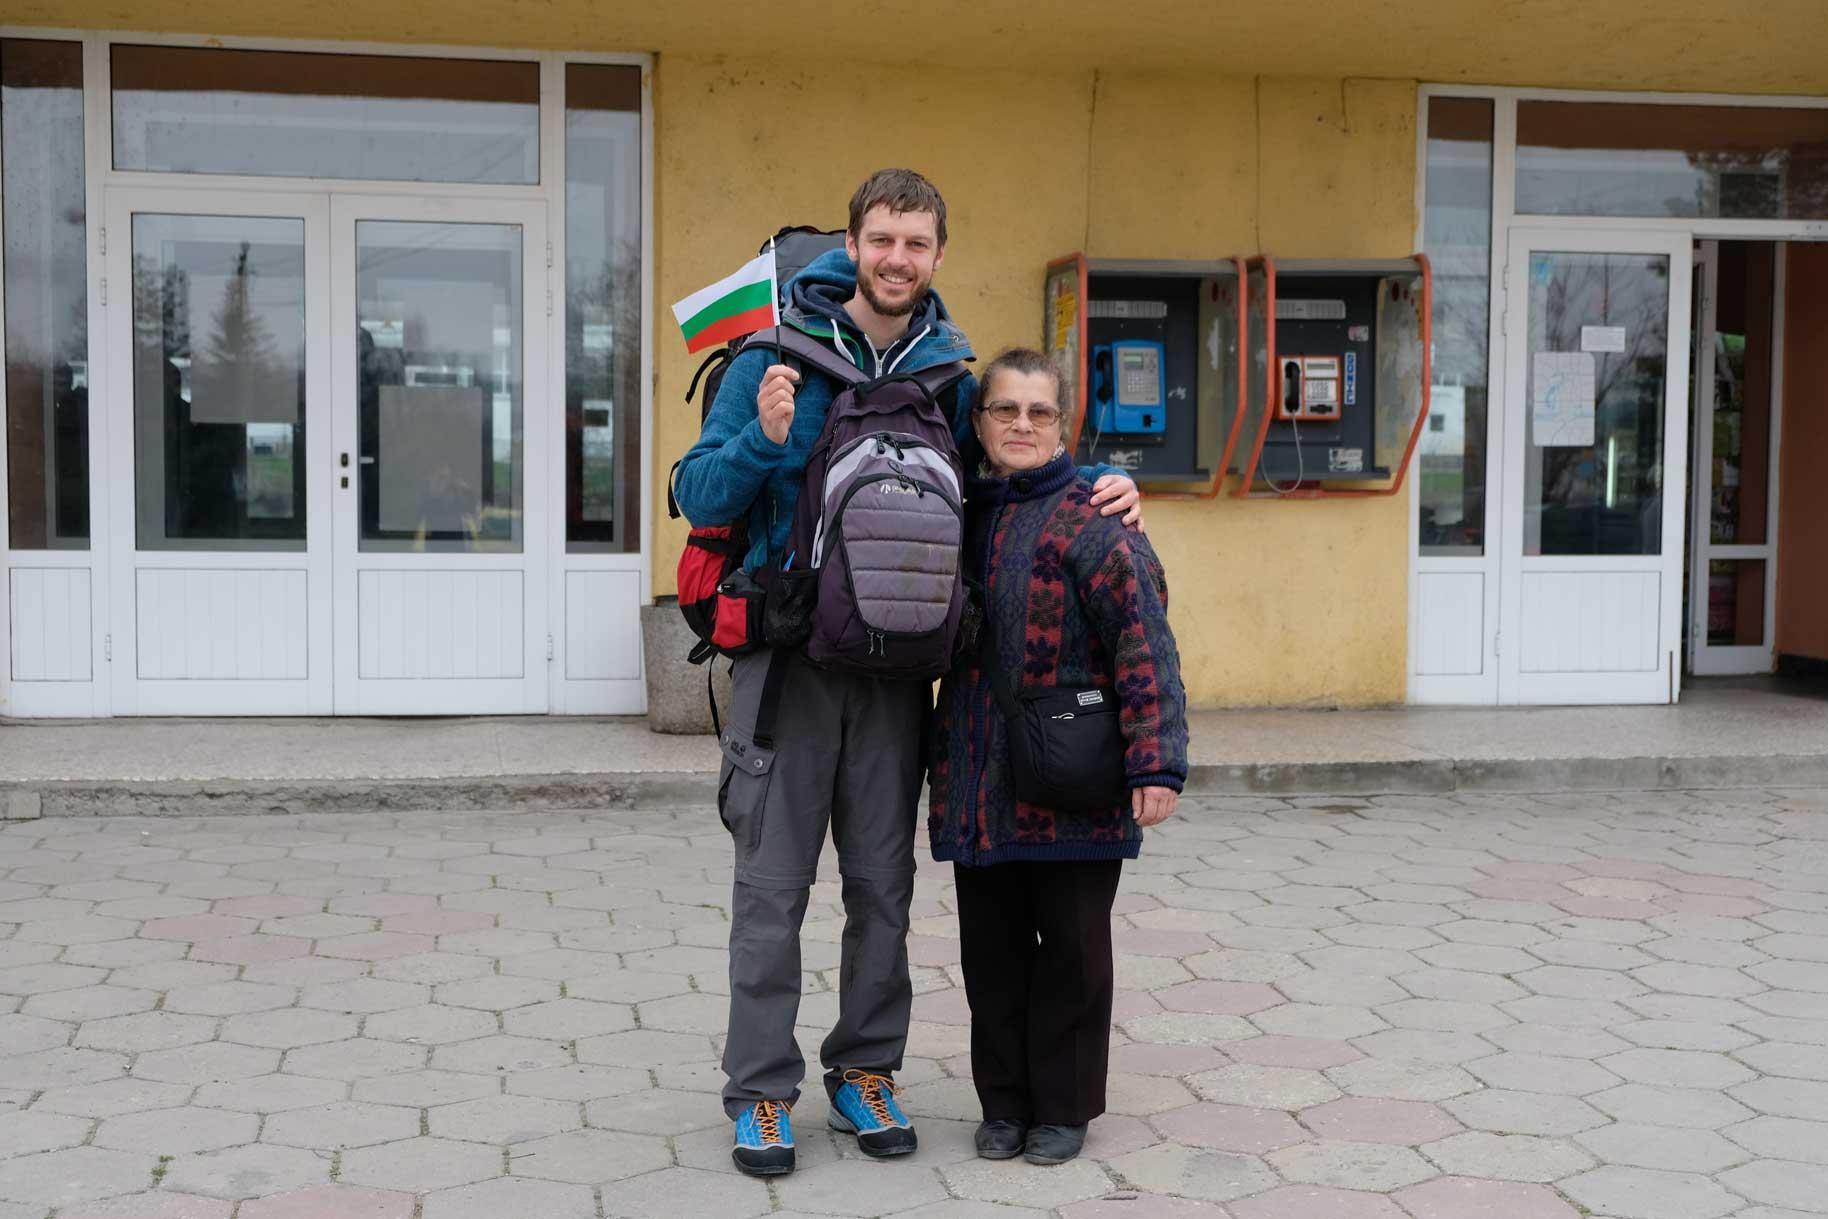 Sebastian steht mit Gepäck neben Petranka und hält eine Bulgarienfahne